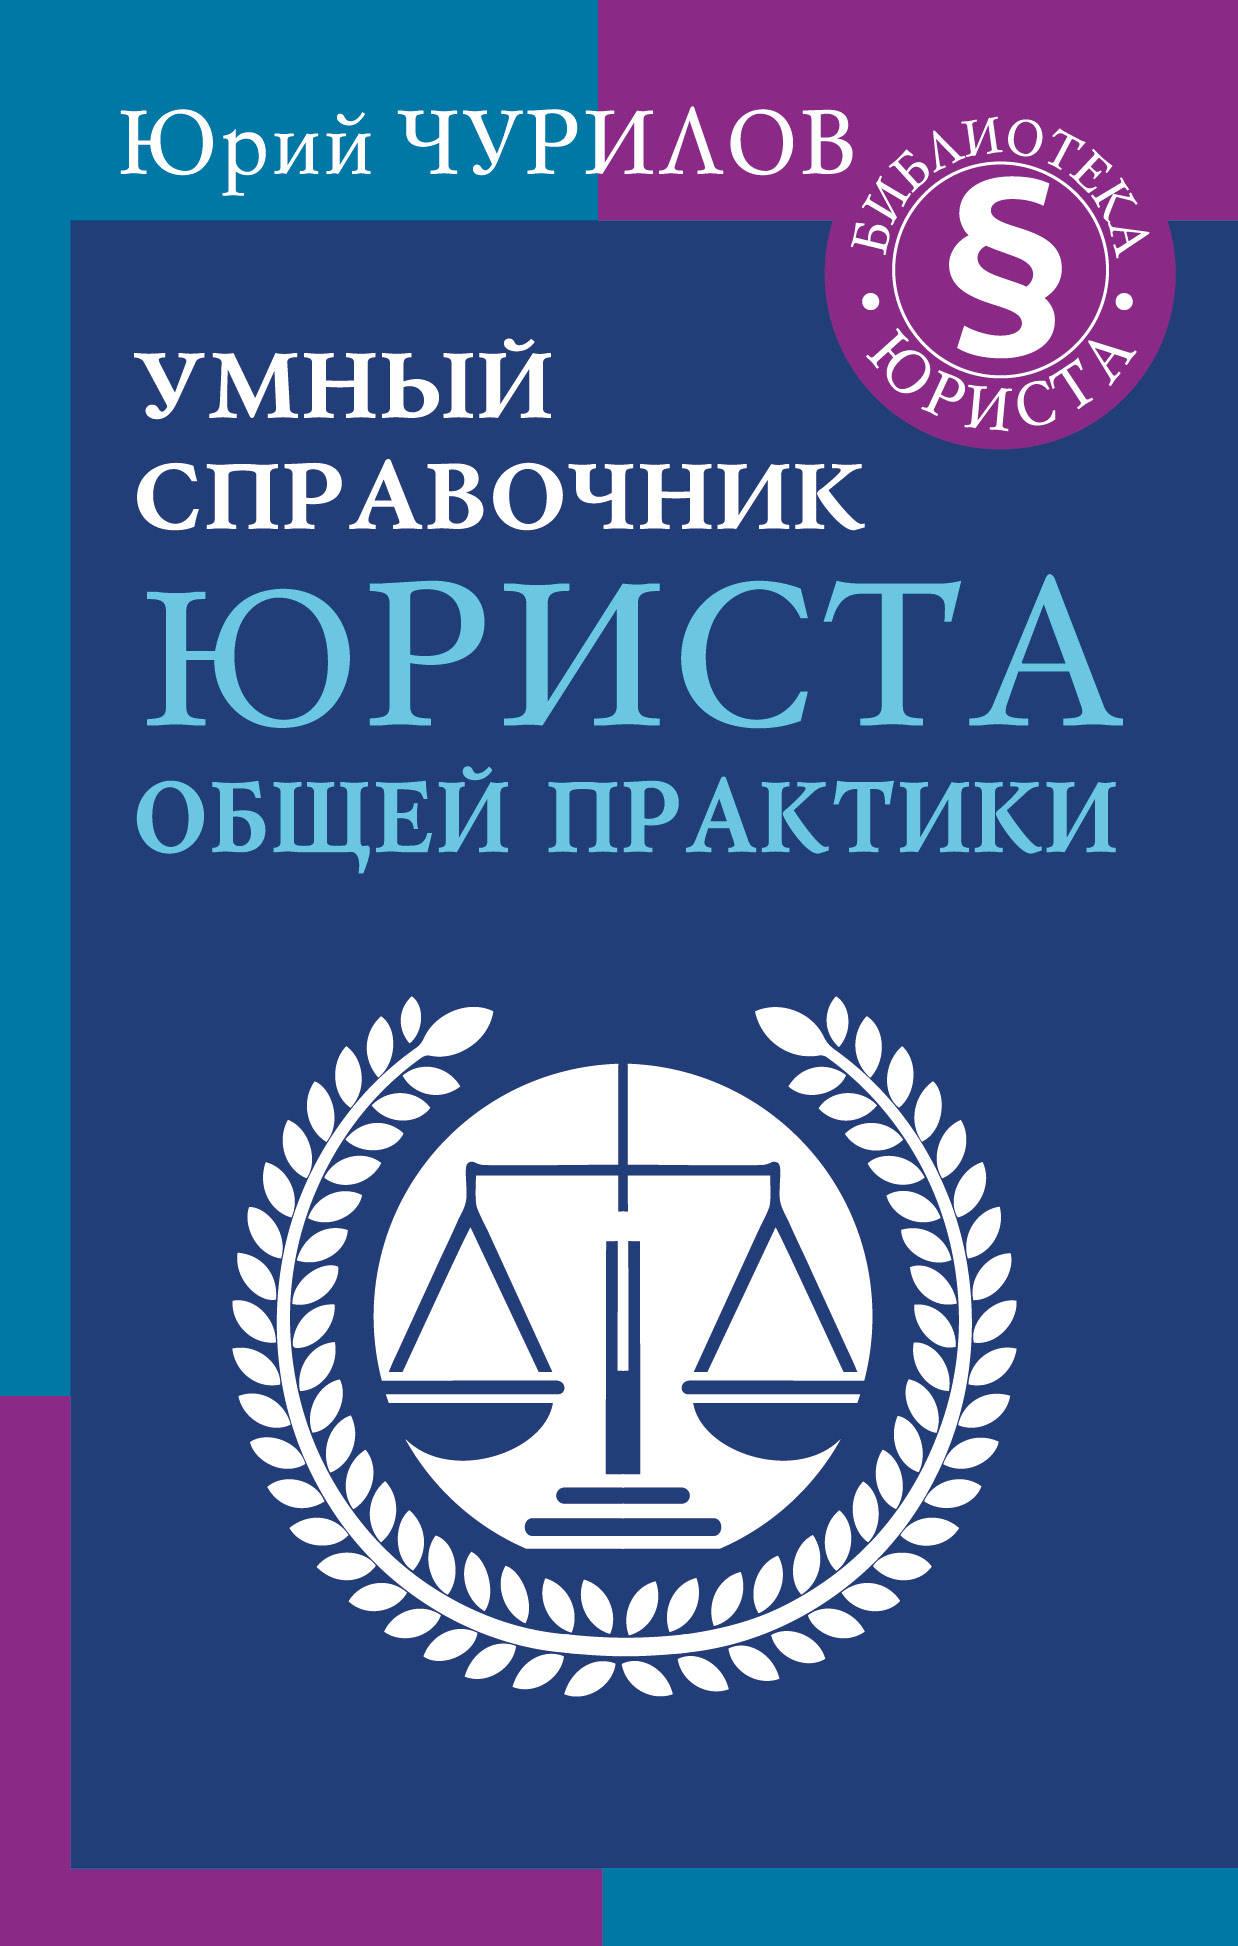 Умный справочник юриста общей практики